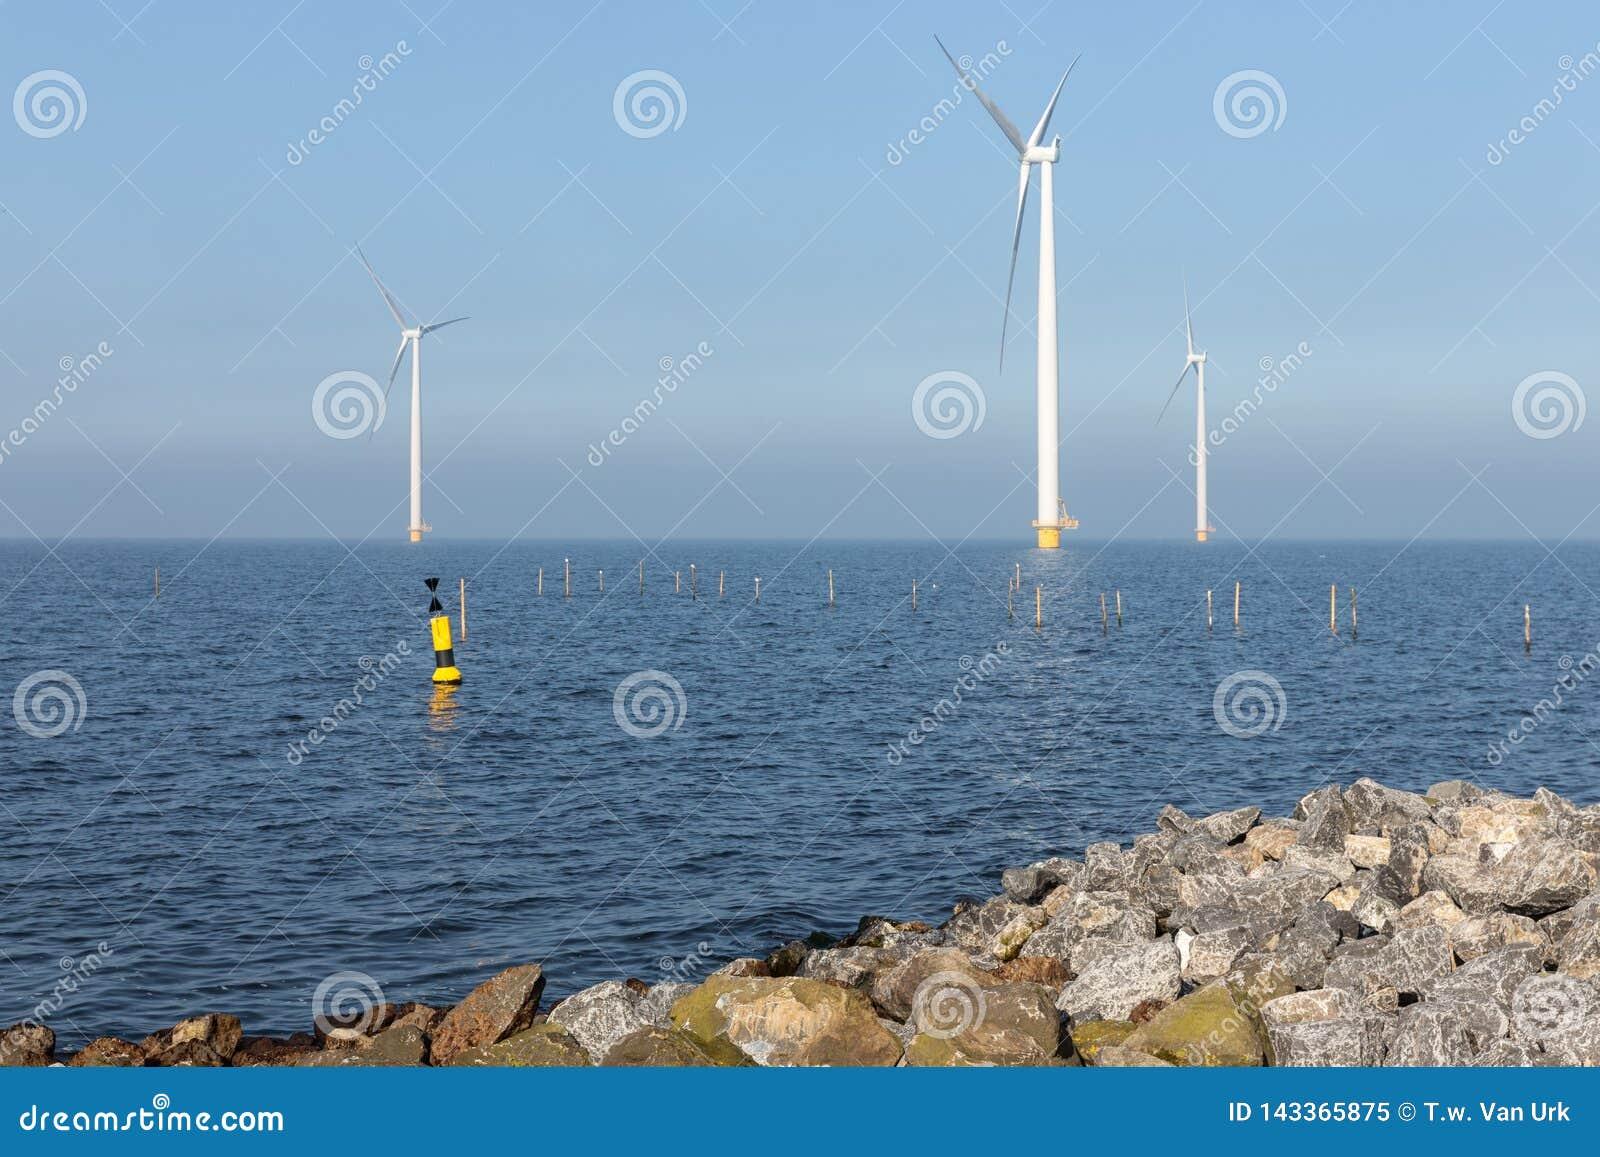 Zeewindturbines dichtbij Nederlandse kust met boei